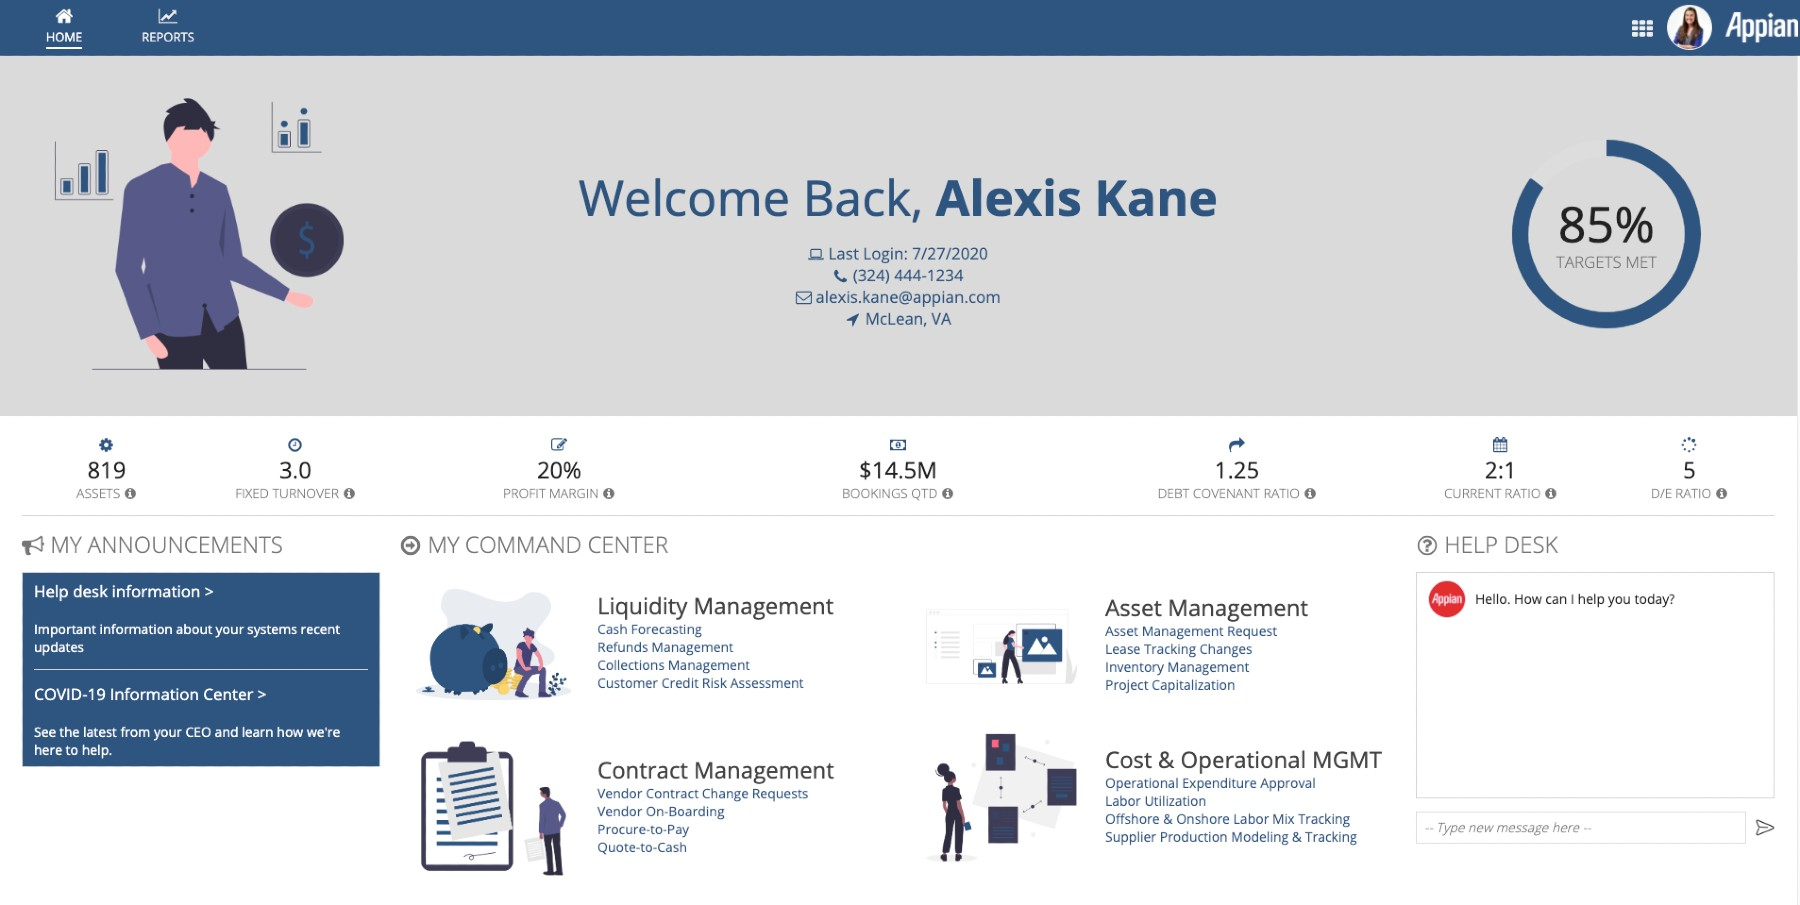 Finance Command Center Dashboard